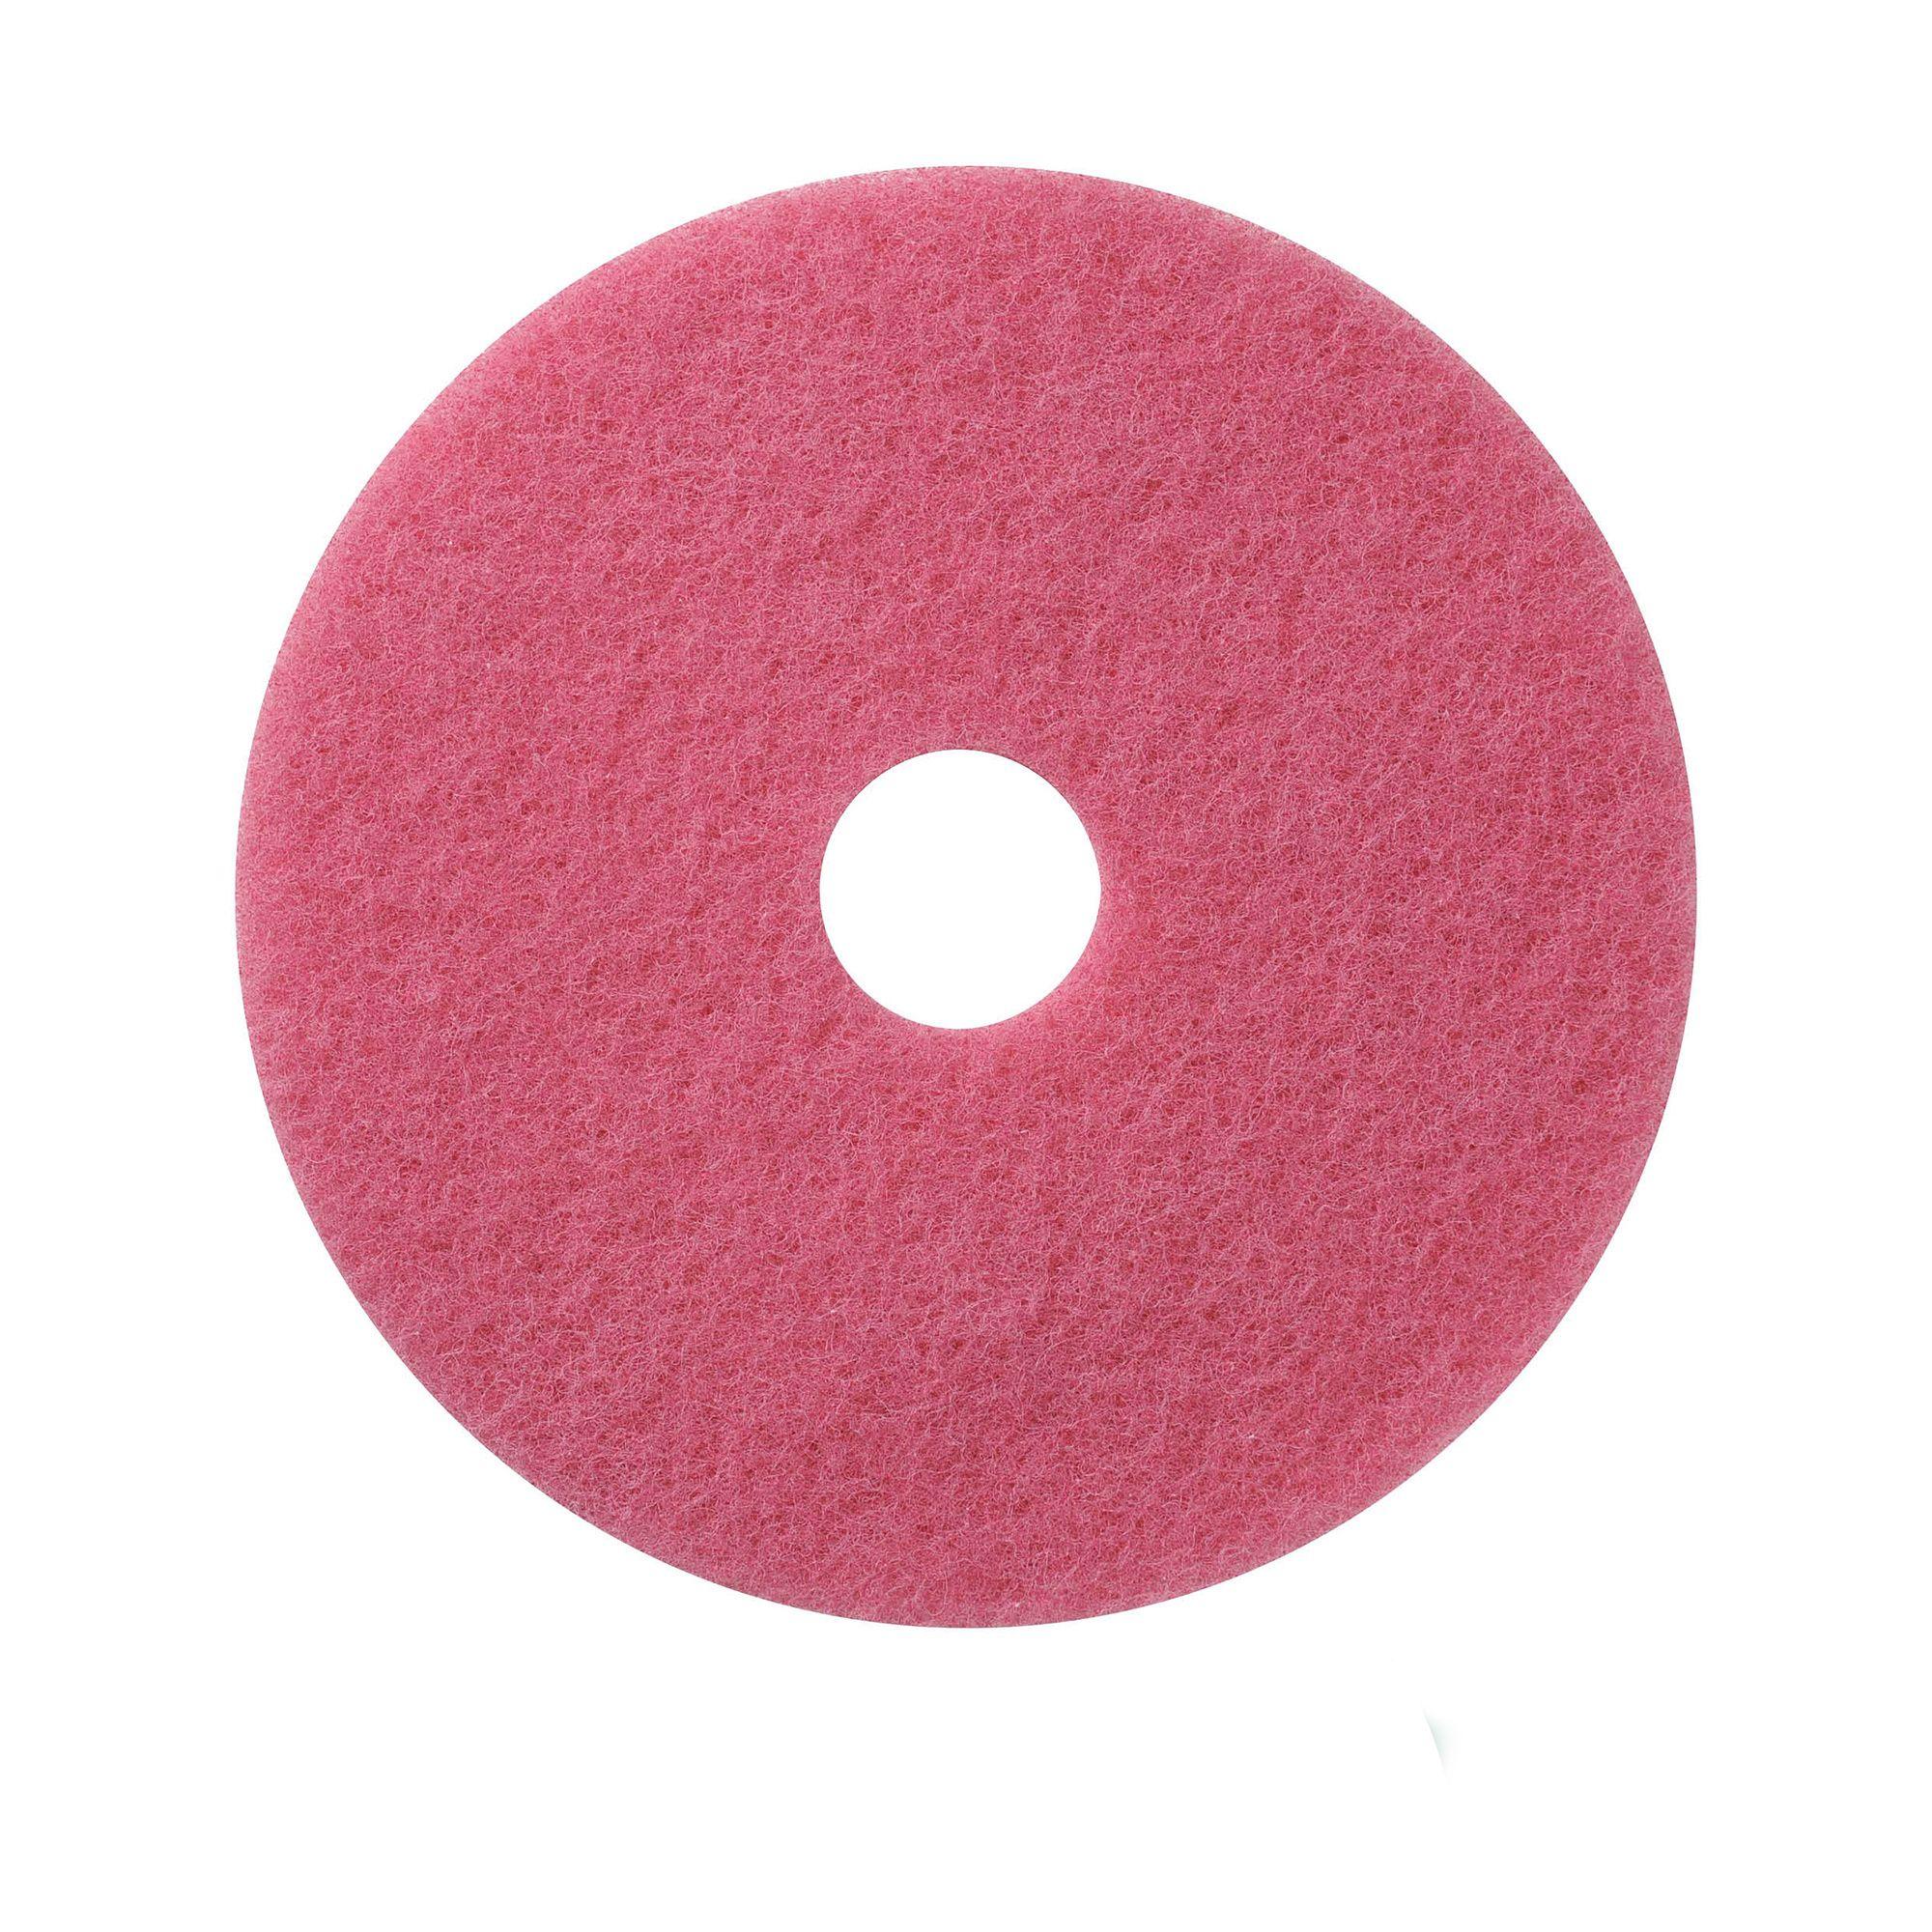 NuPad roze (schrobben), per 5 stuks, 16 inch / 406 mm